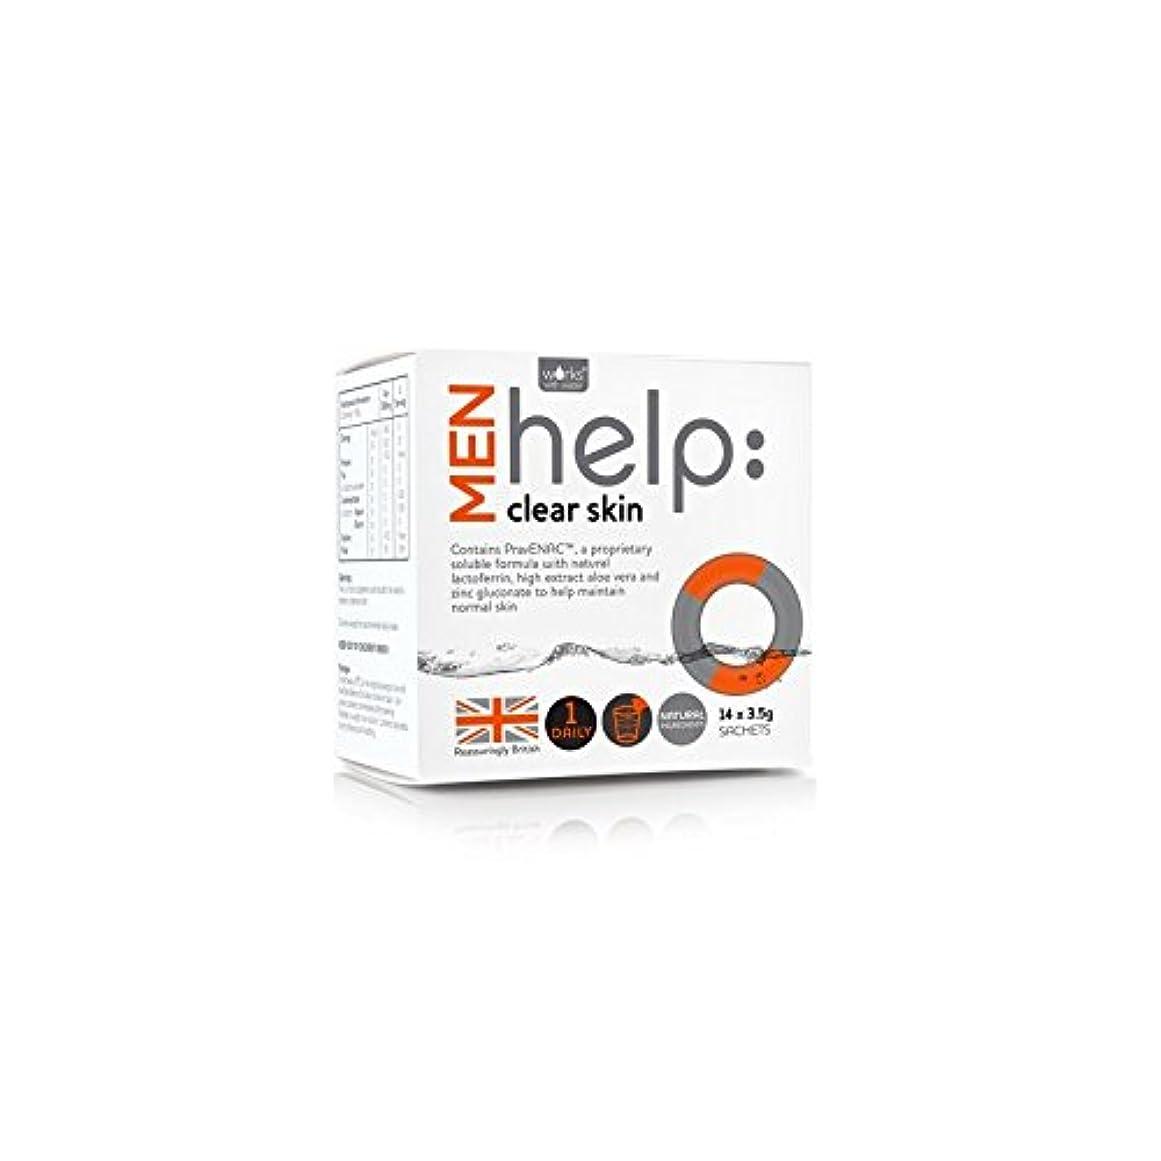 法王絶えずストライプクリアな肌可溶性サプリメント(14 3.5グラム):水男性の助けを借りて動作します x4 - Works With Water Men's Help: Clear Skin Soluble Supplement (14...